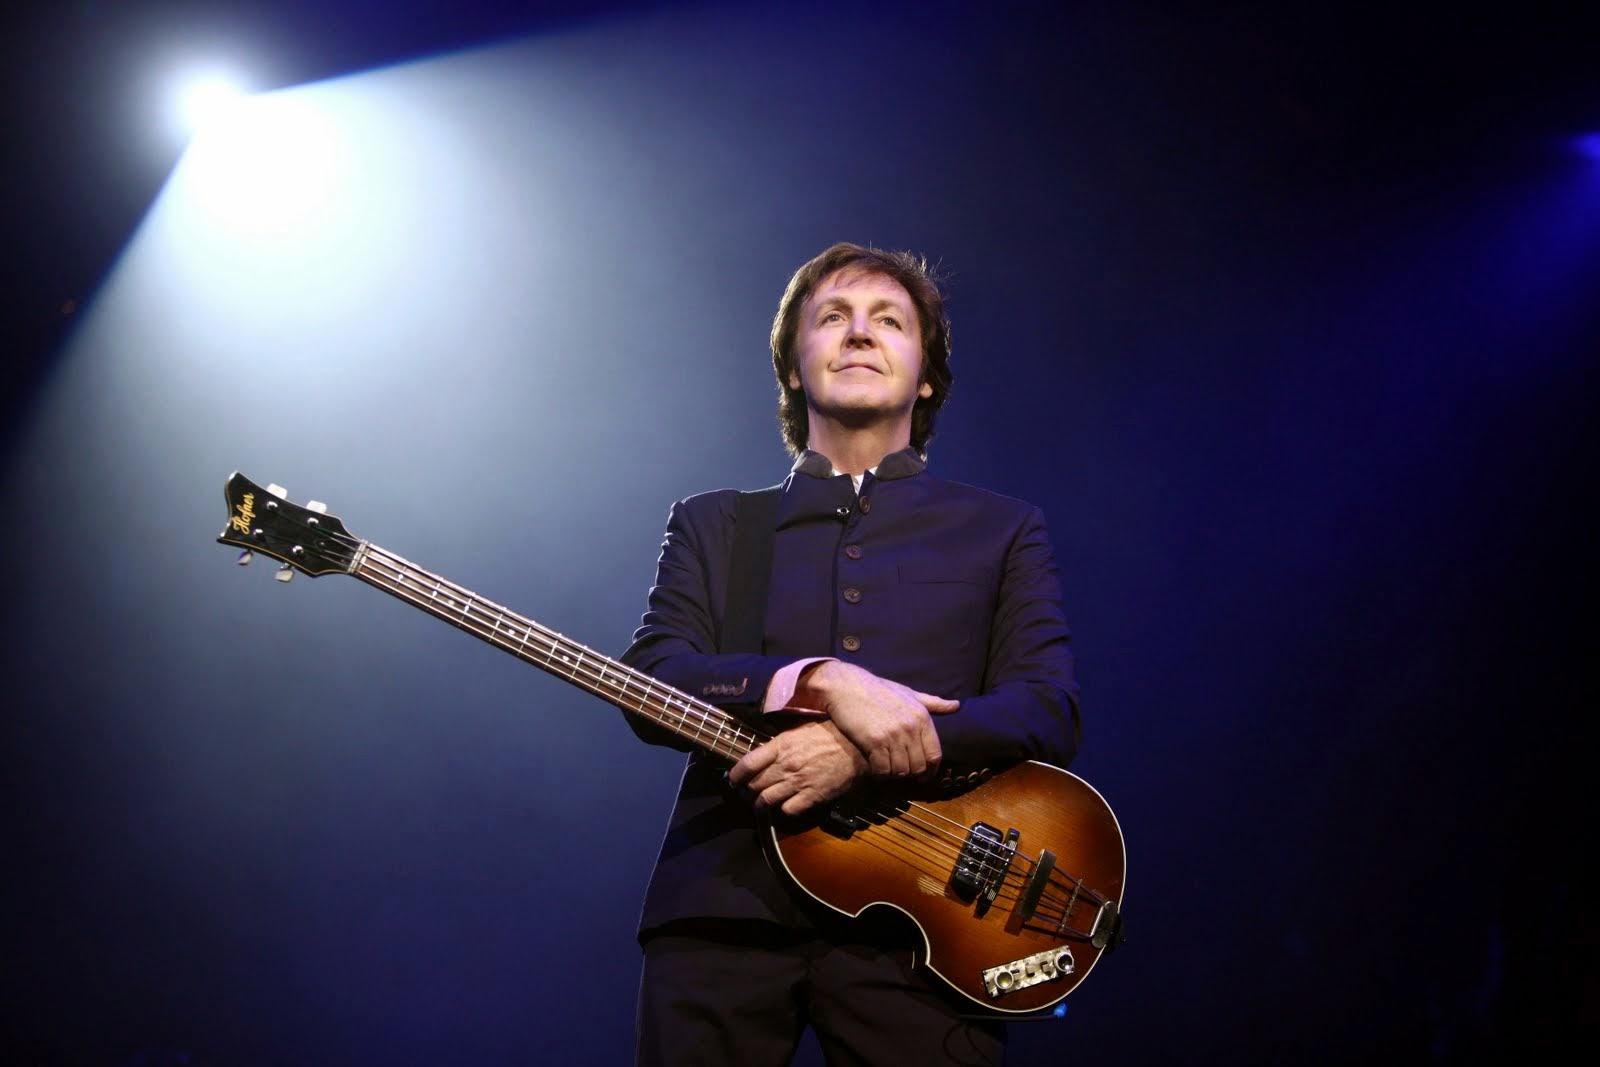 I 10 bassisti più ricchi al mondo - paul mccartney